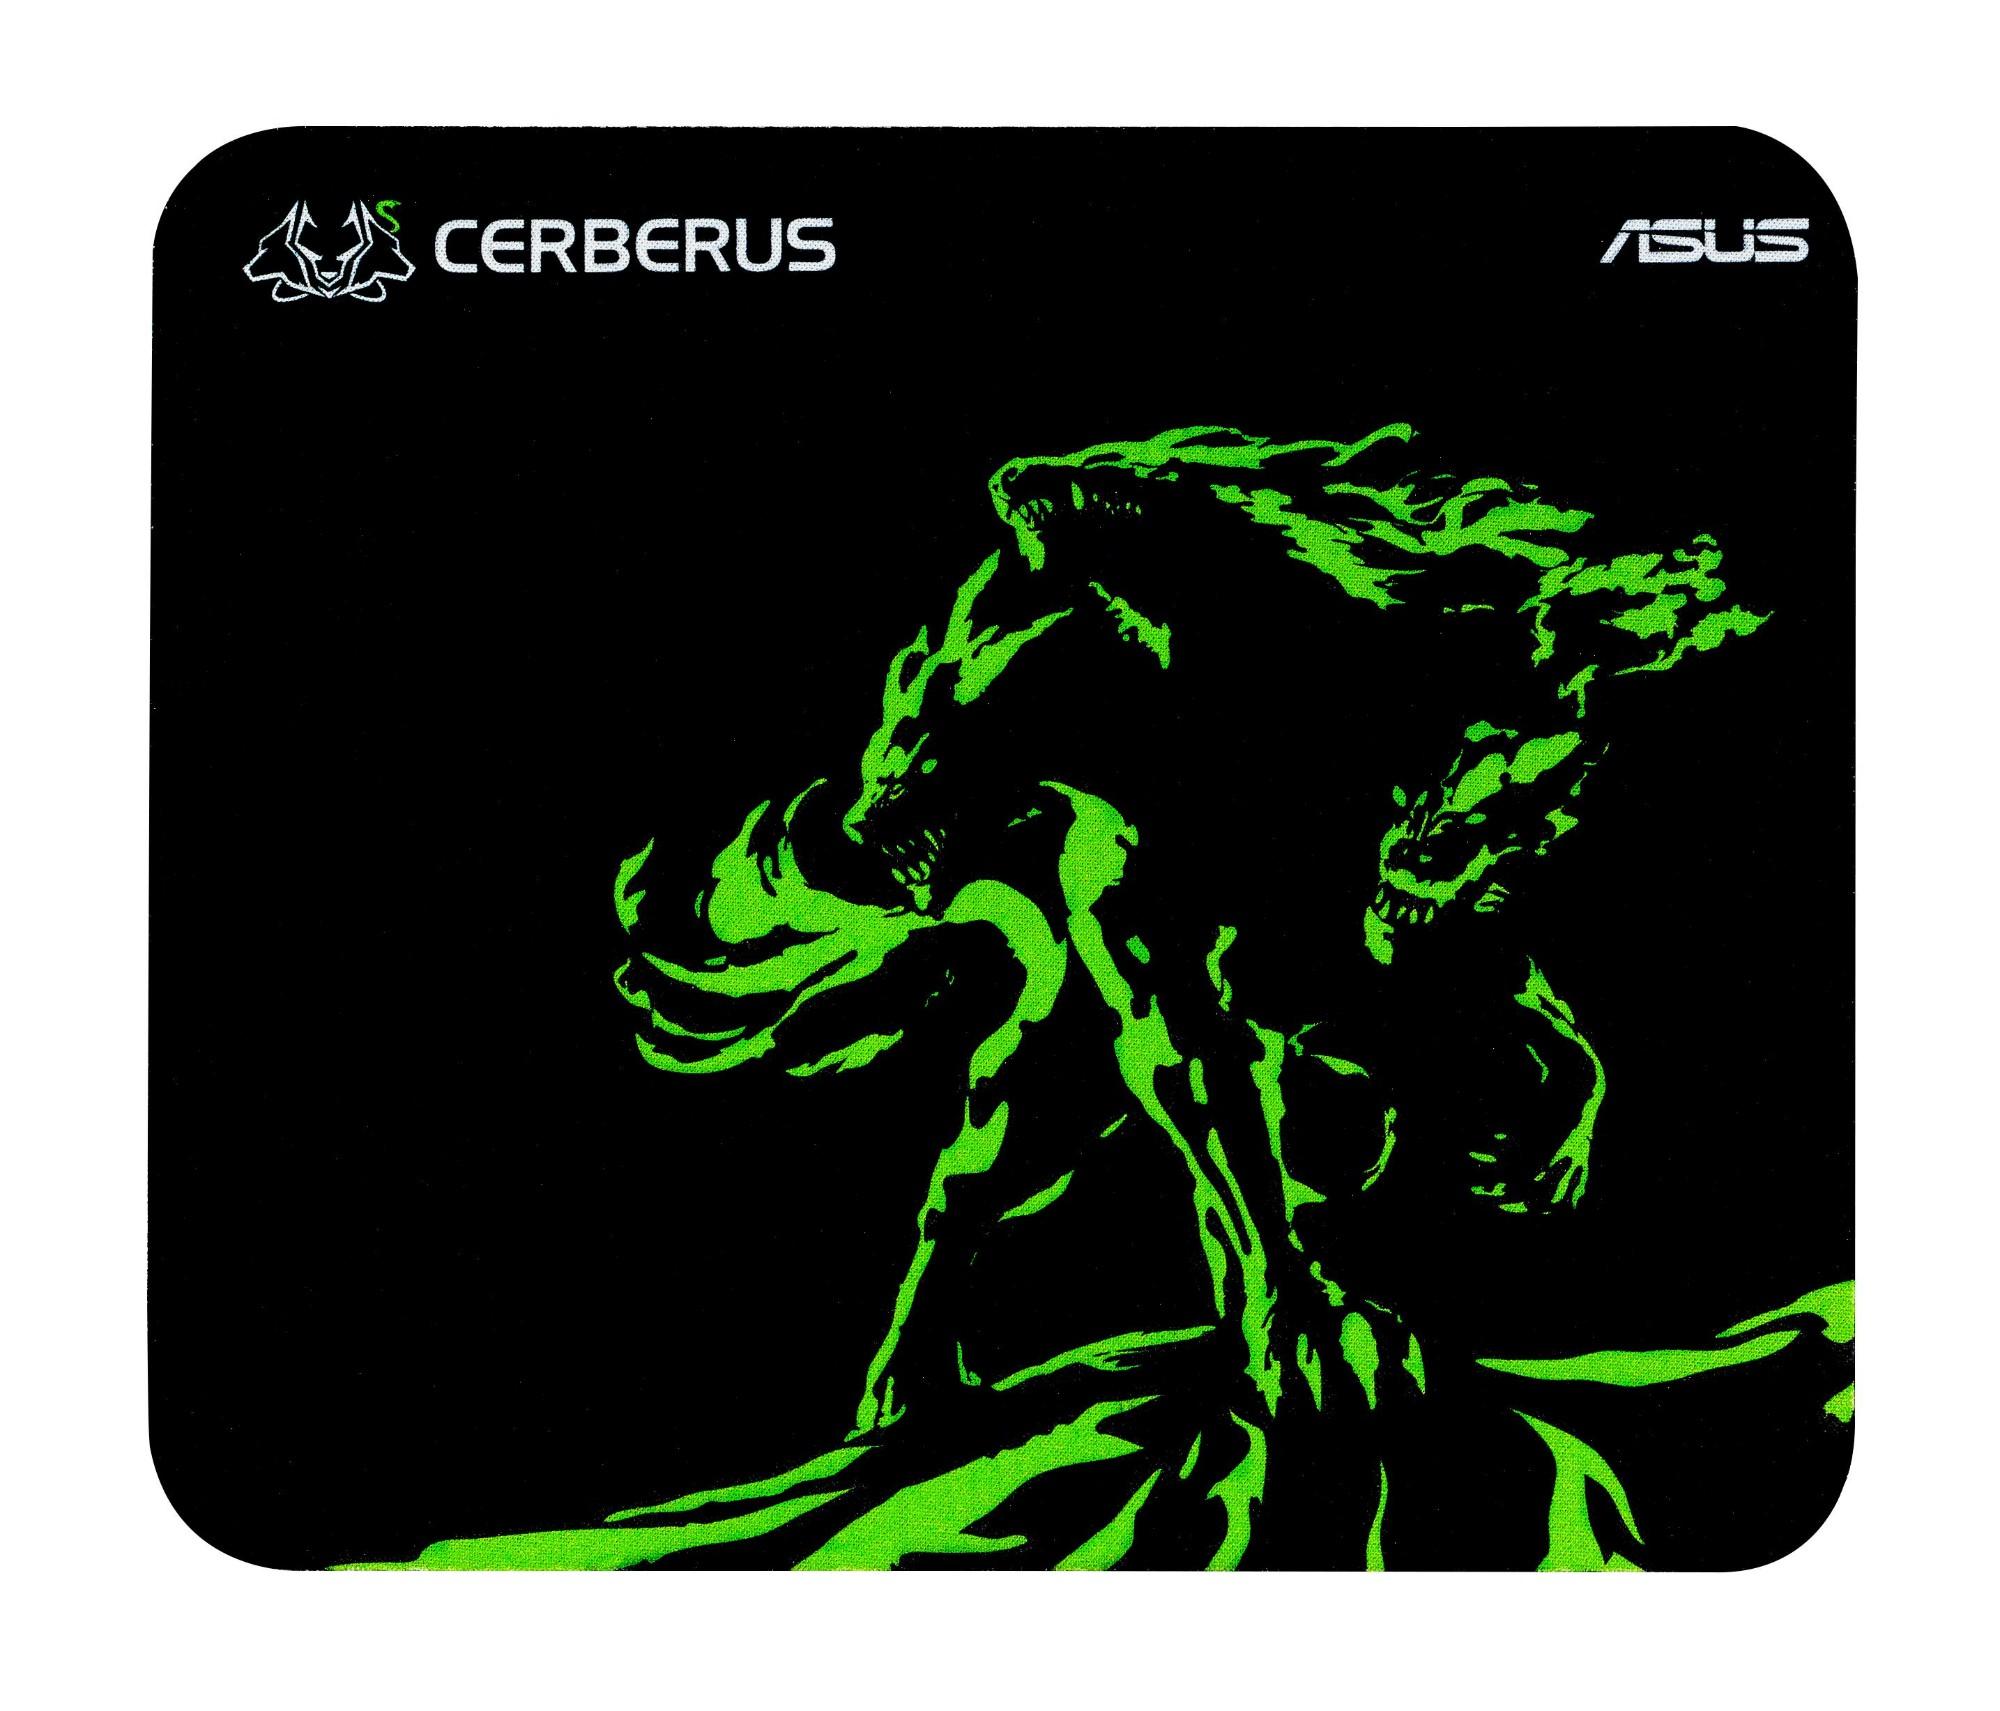 ASUS Cerberus Mat Mini Black, Green